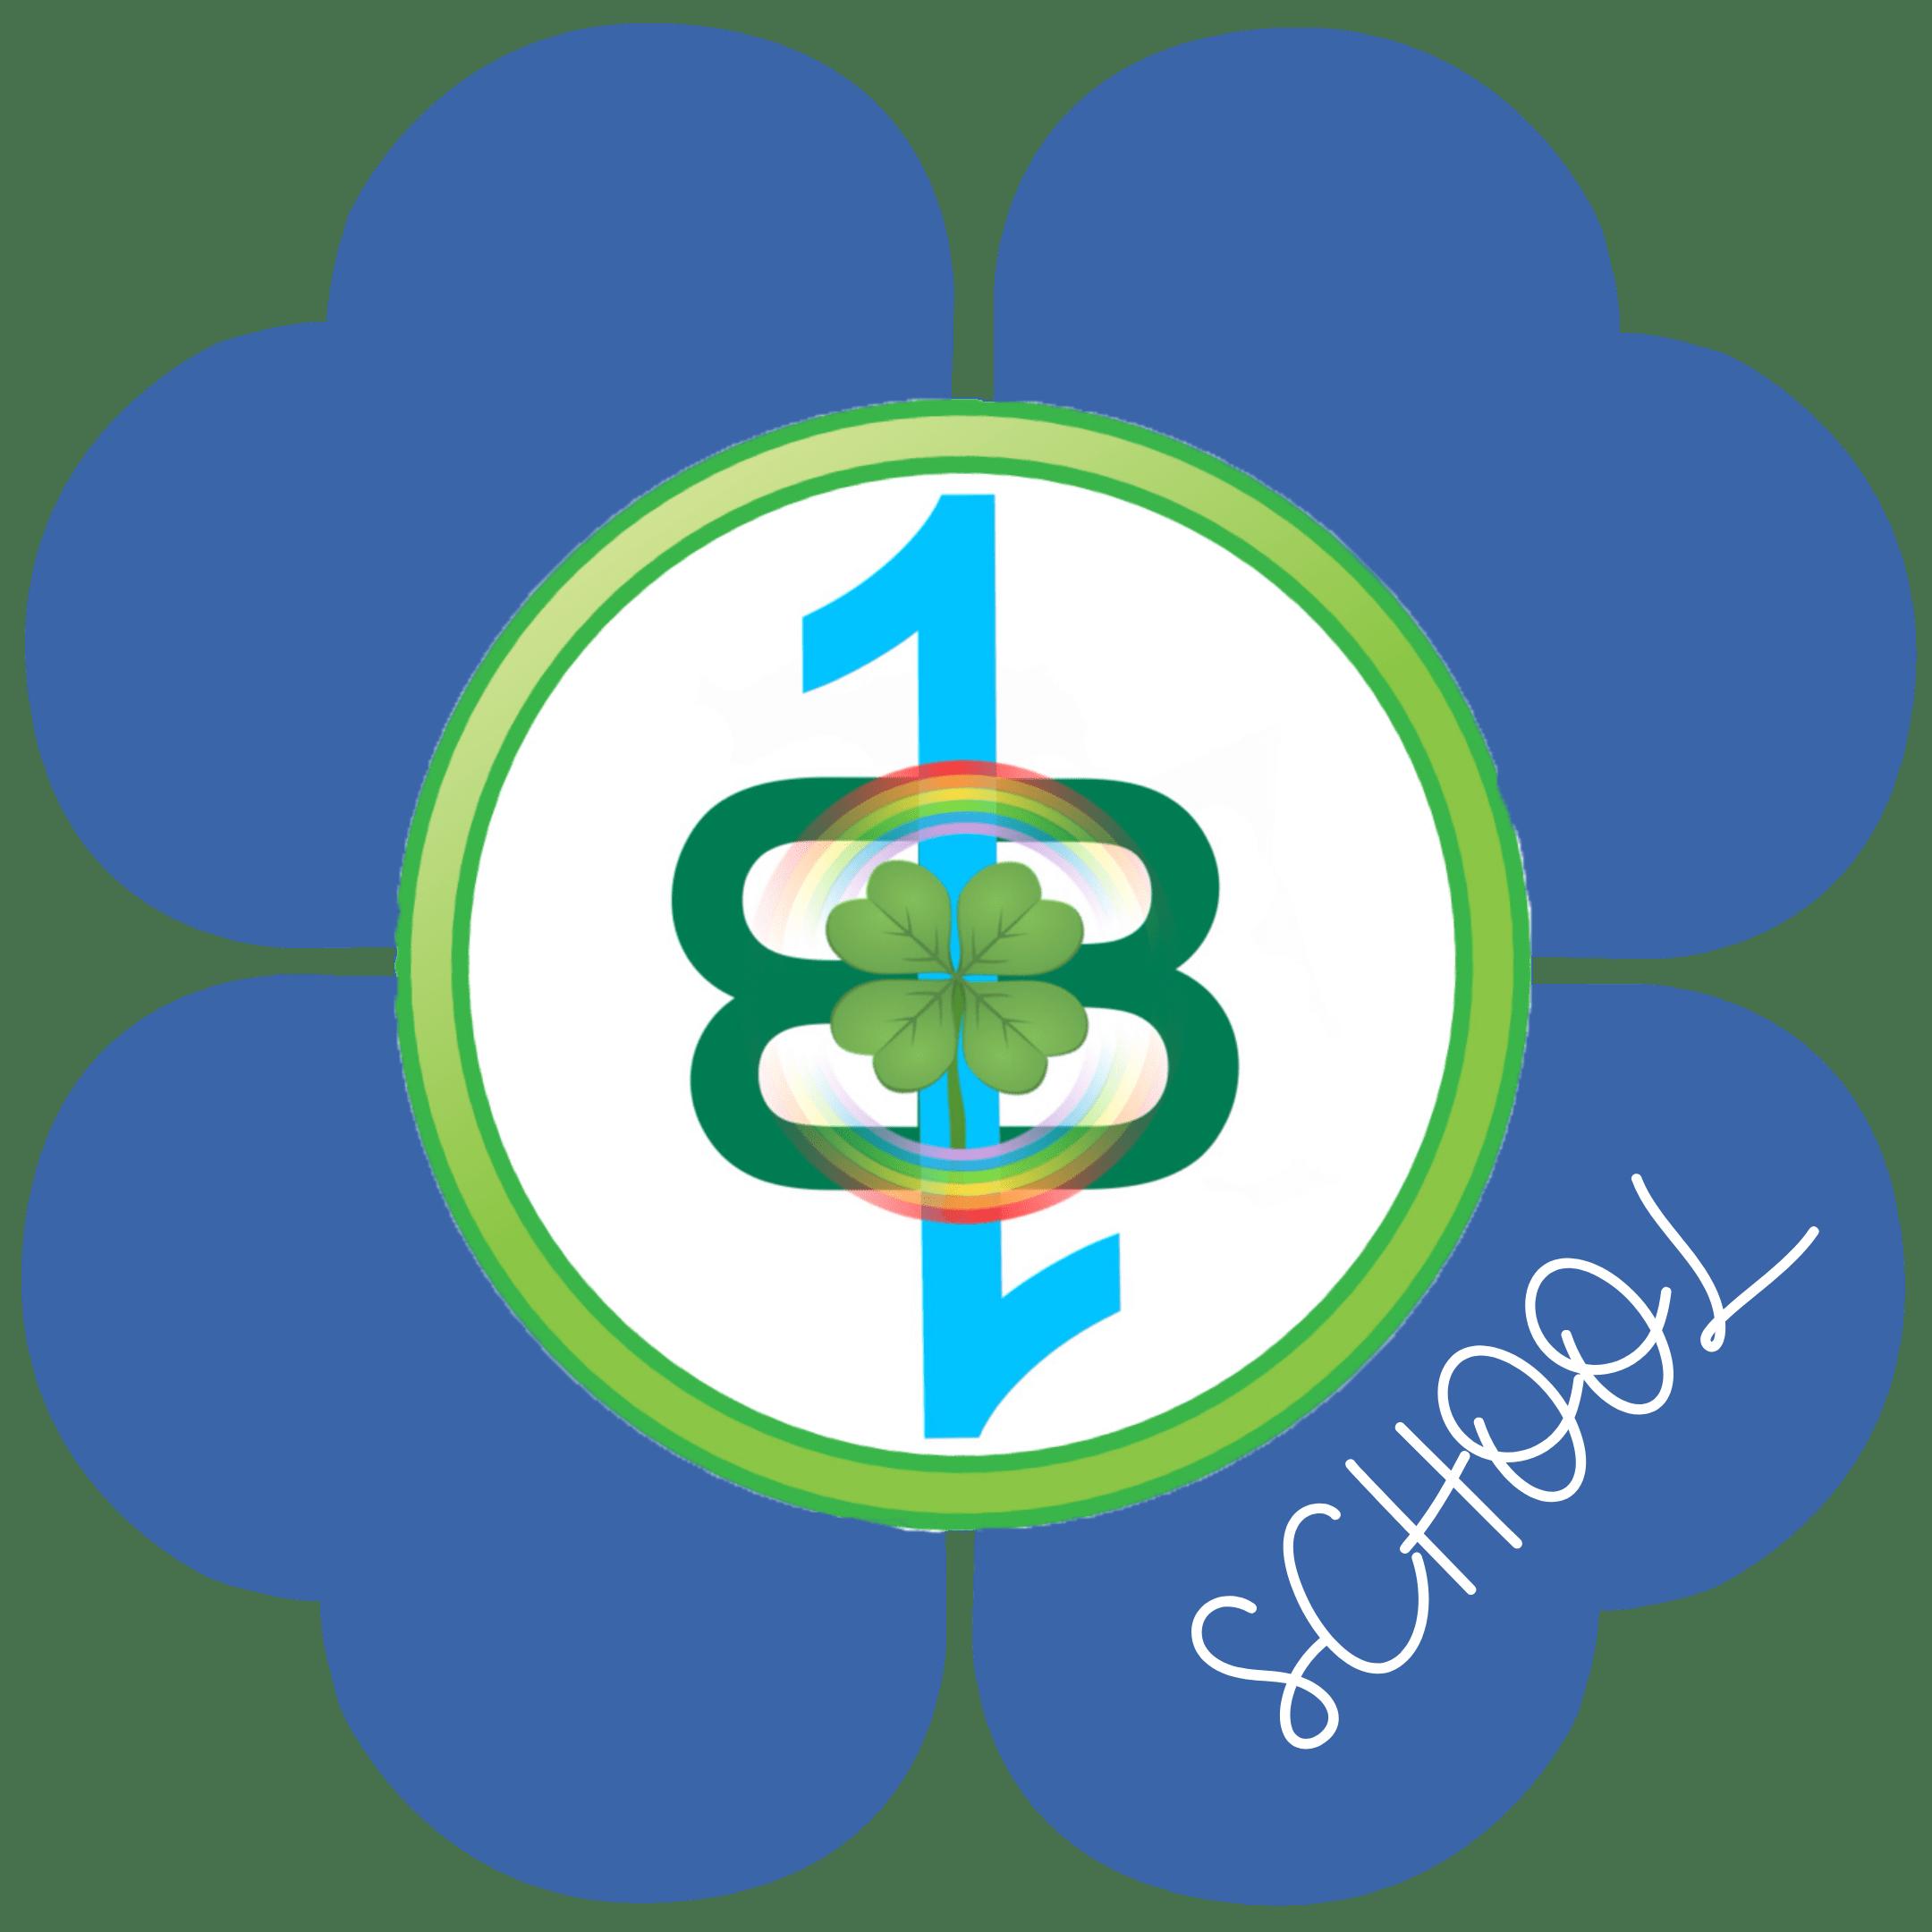 B-One-school